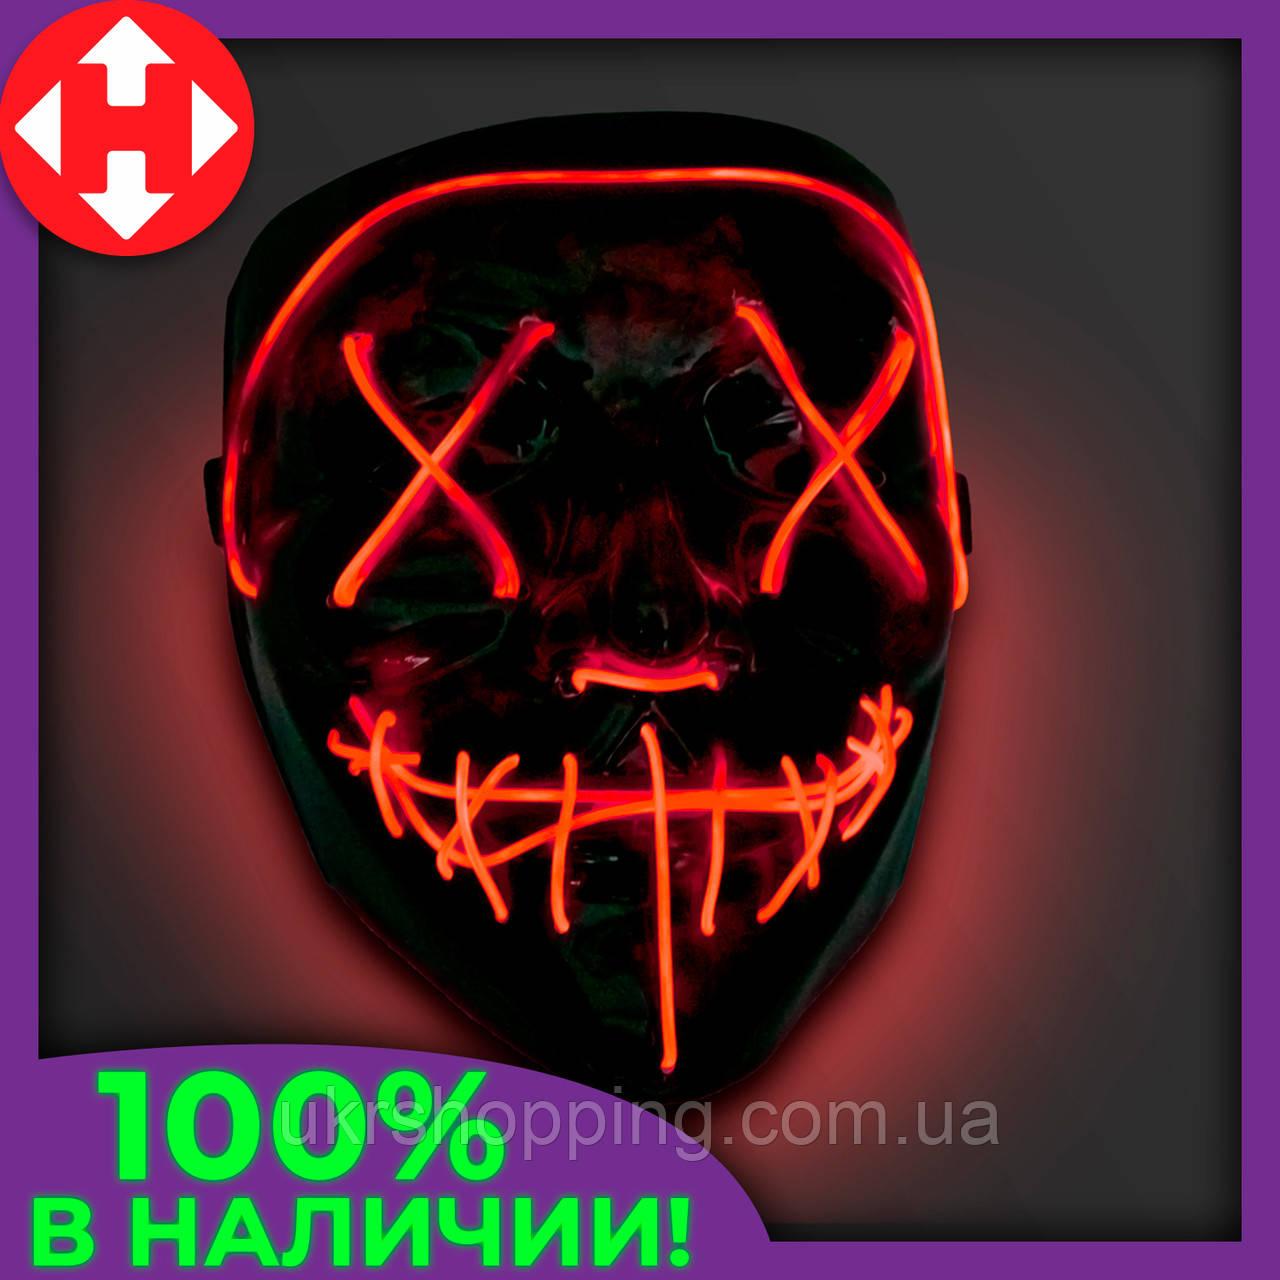 Страшная LED маска для Хэллоуина (Оранжевая) из судной ночи светодиодная на хэллоуин Halloween